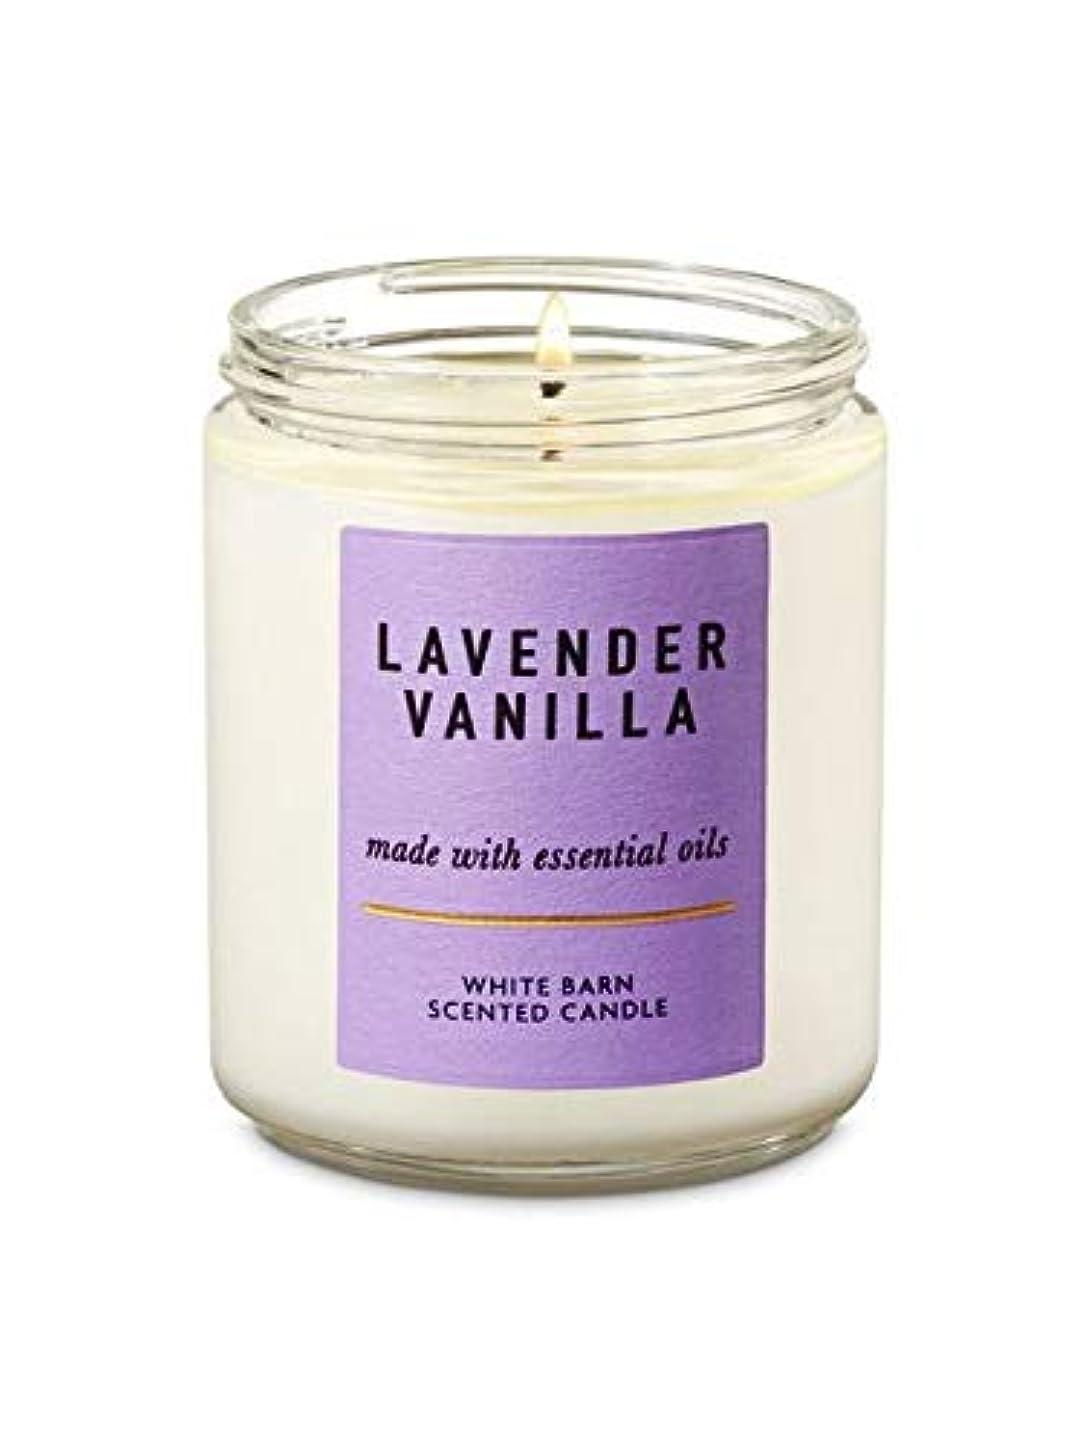 リマークムスタチオ浮浪者【Bath&Body Works/バス&ボディワークス】 アロマキャンドル ラベンダーバニラ 1-Wick Scented Candle Lavender Vanilla 7oz/198g [並行輸入品]